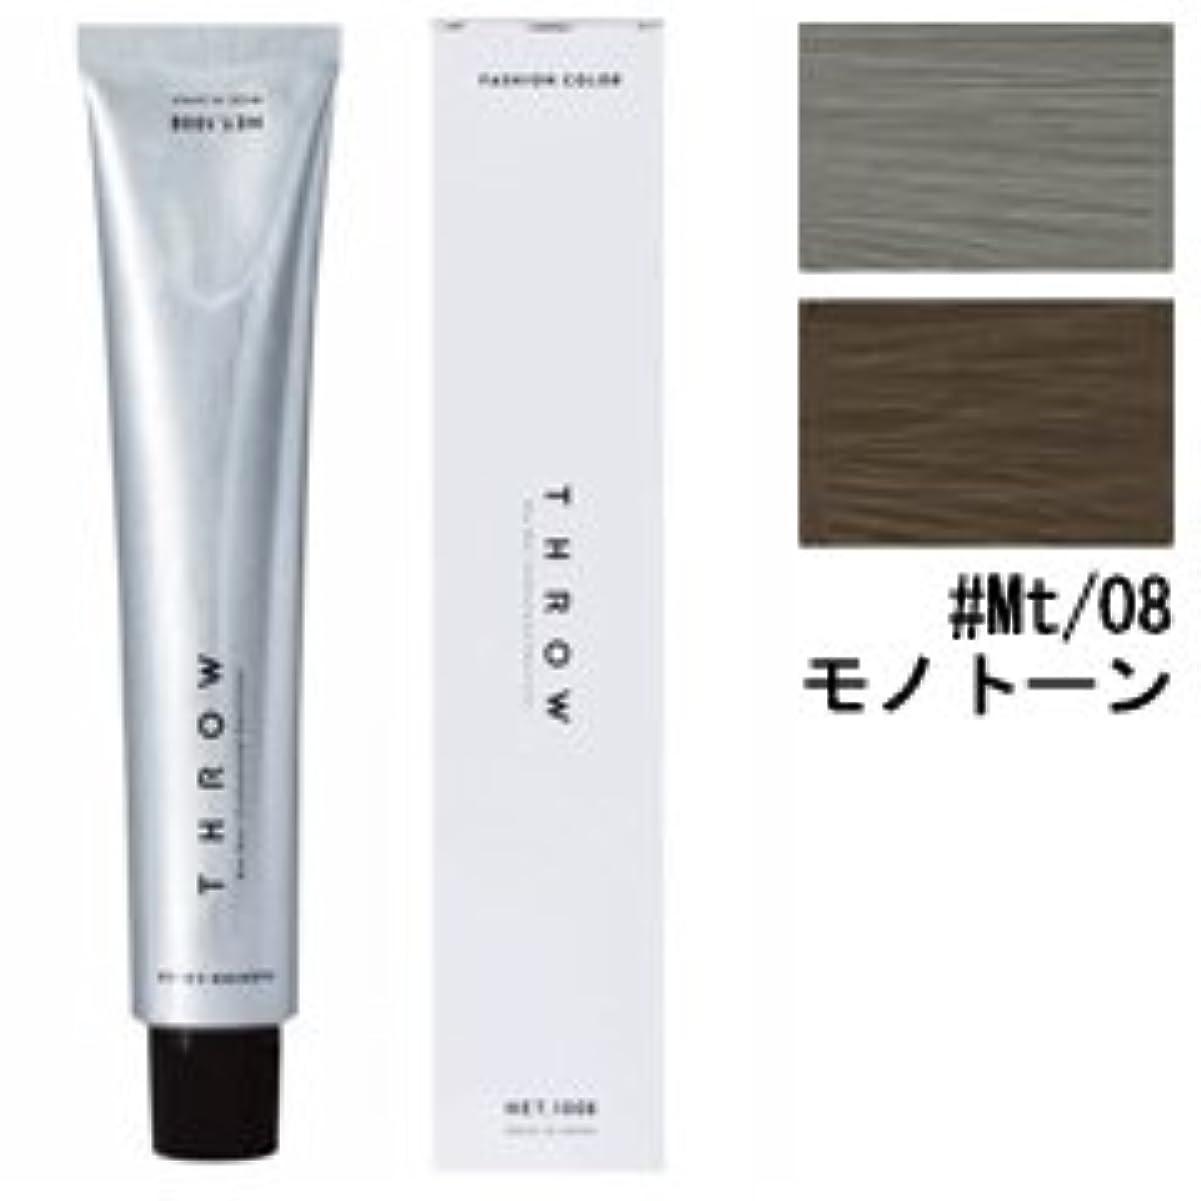 【モルトベーネ】スロウ ファッションカラー #Mt/08 モノトーン 100g